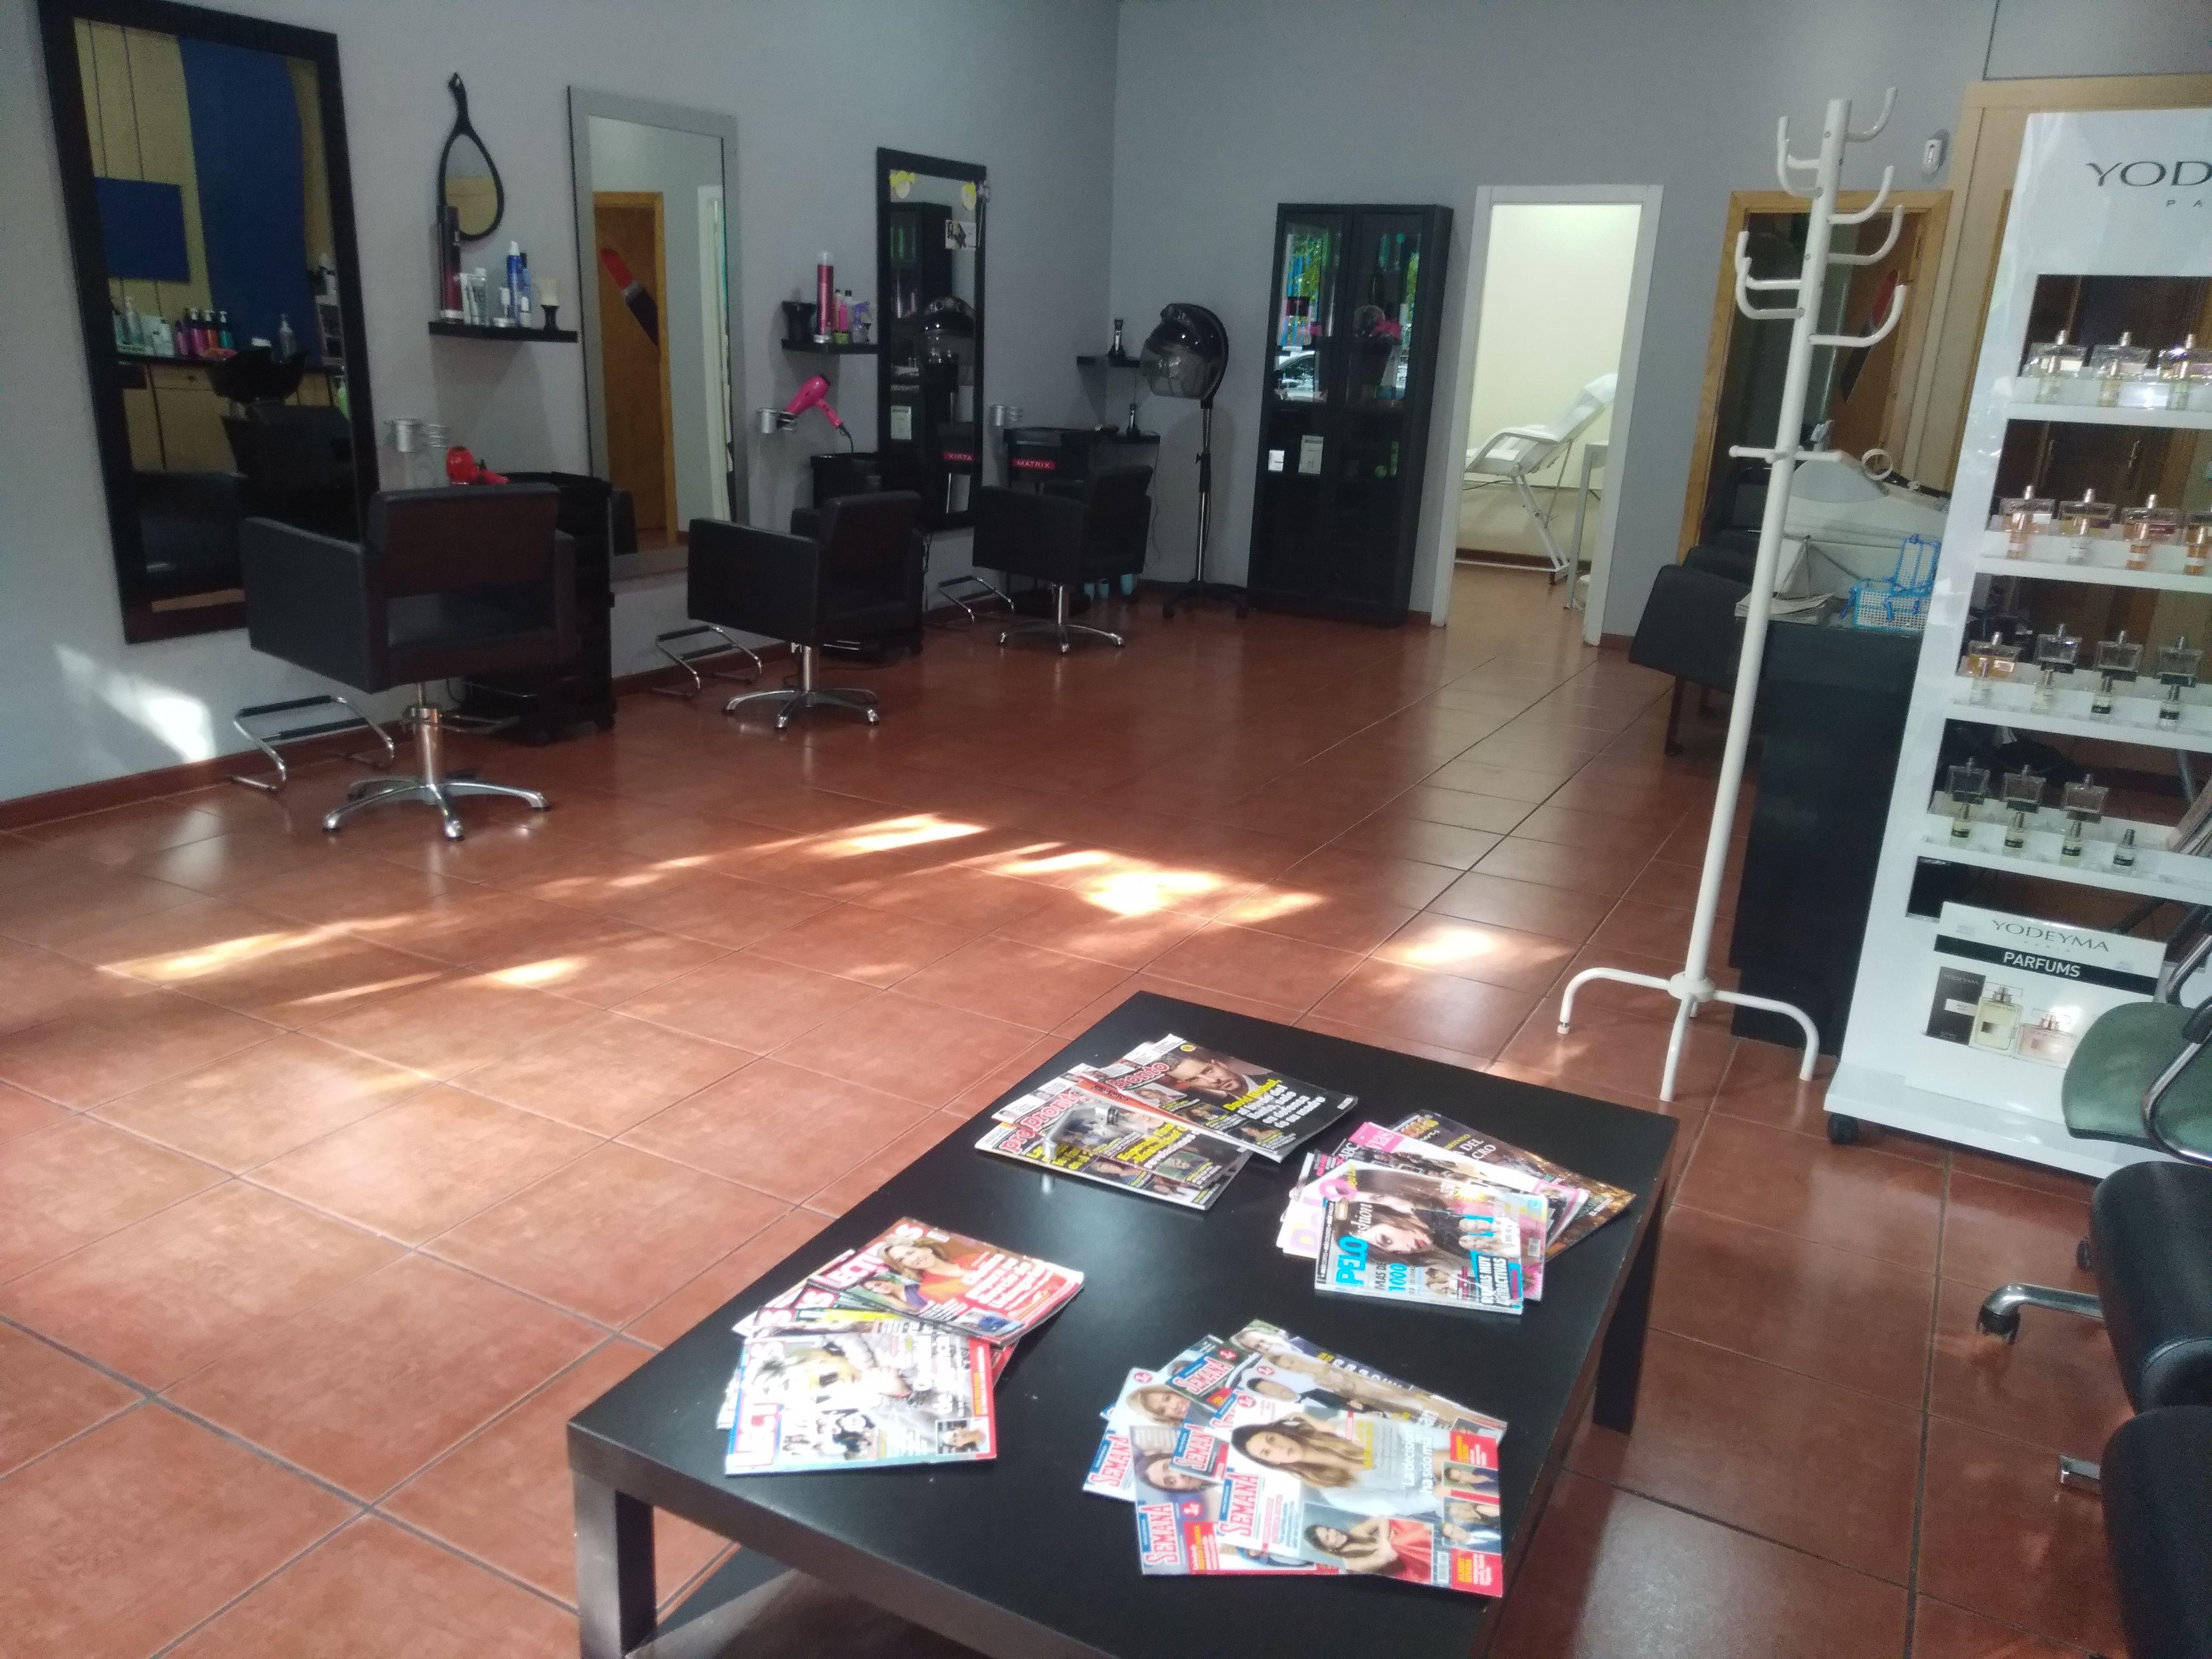 Centro de estética en Torrejón de Ardoz